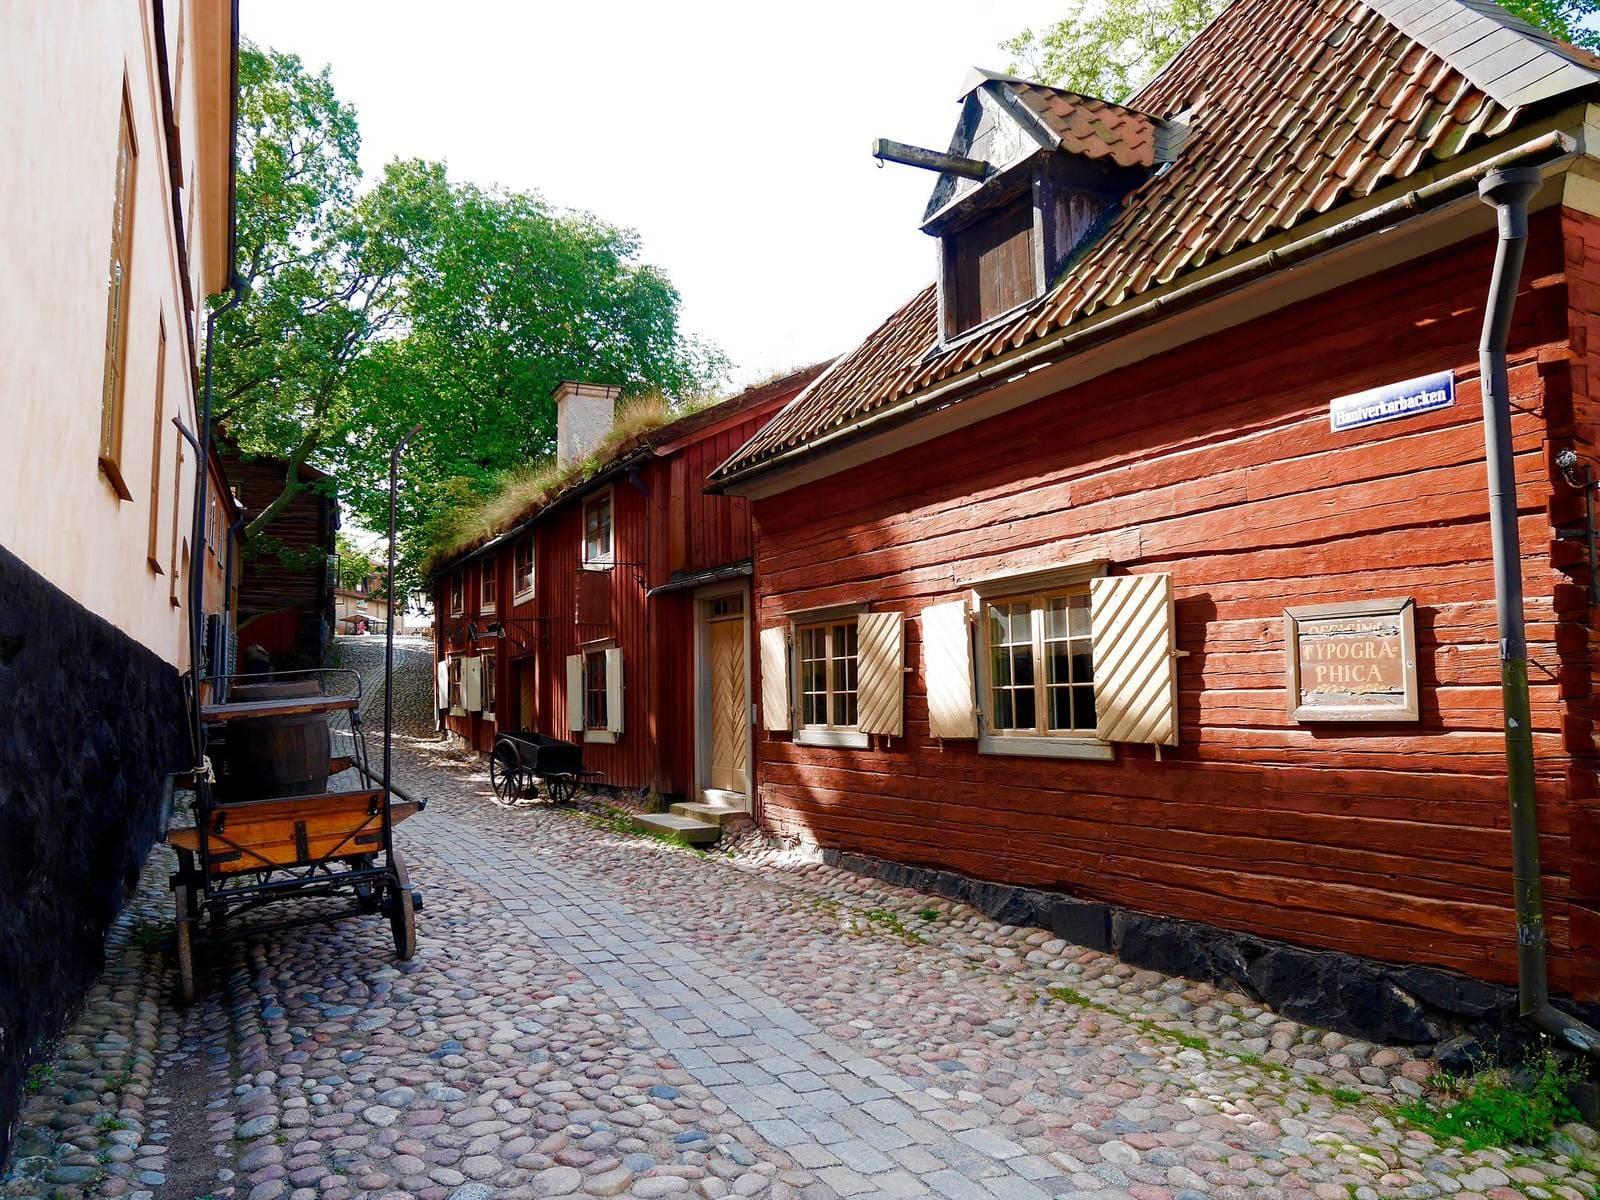 Скансэн. Музей у Швецыі.